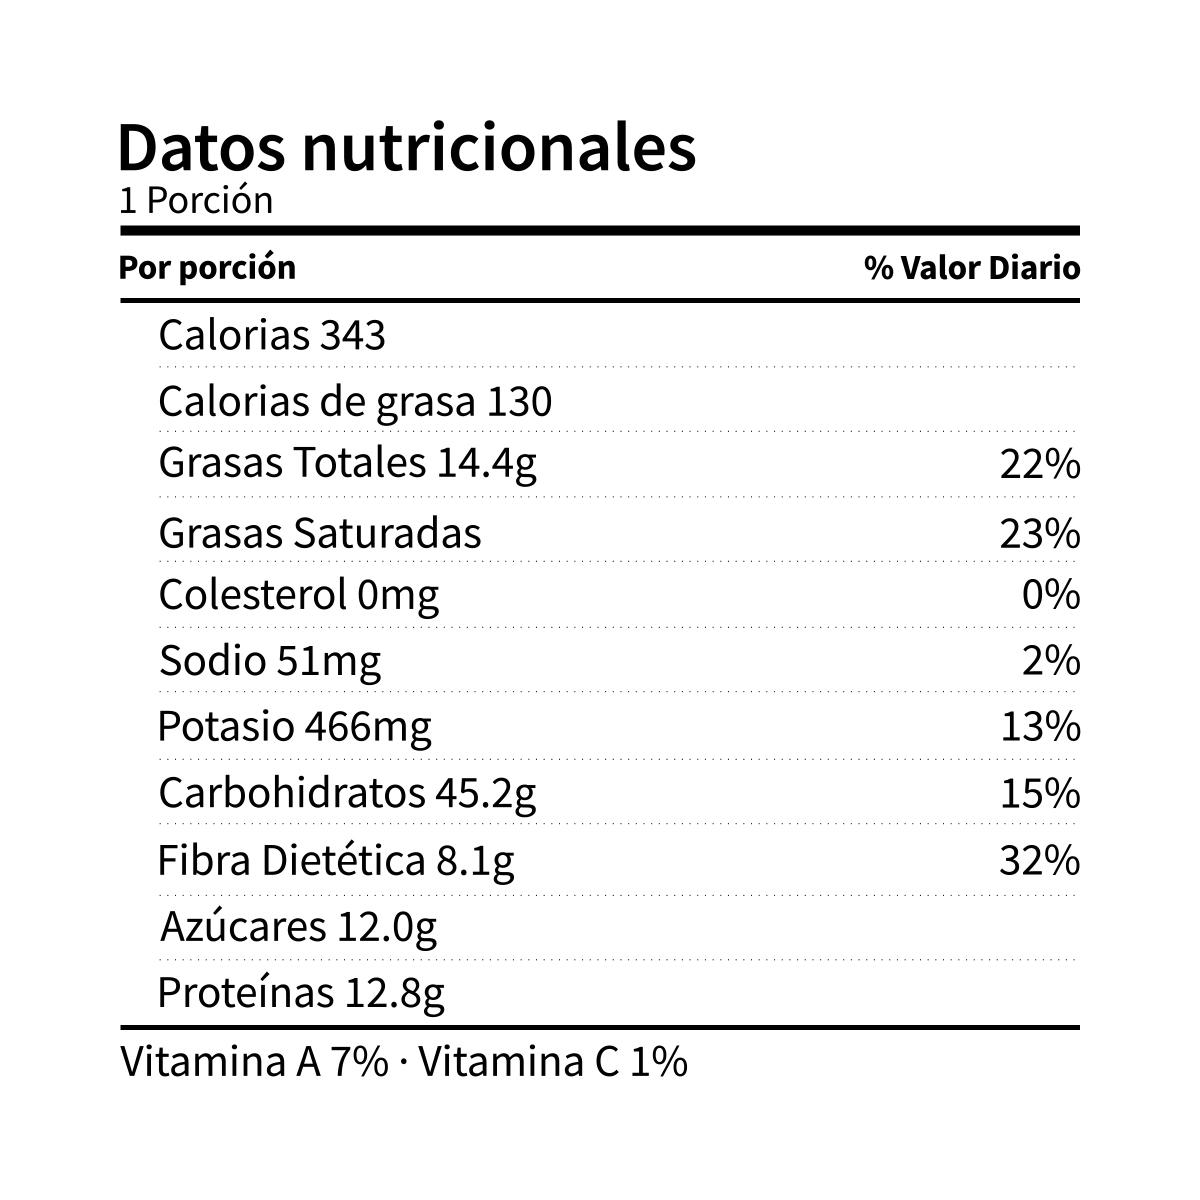 Datos Nutricionales